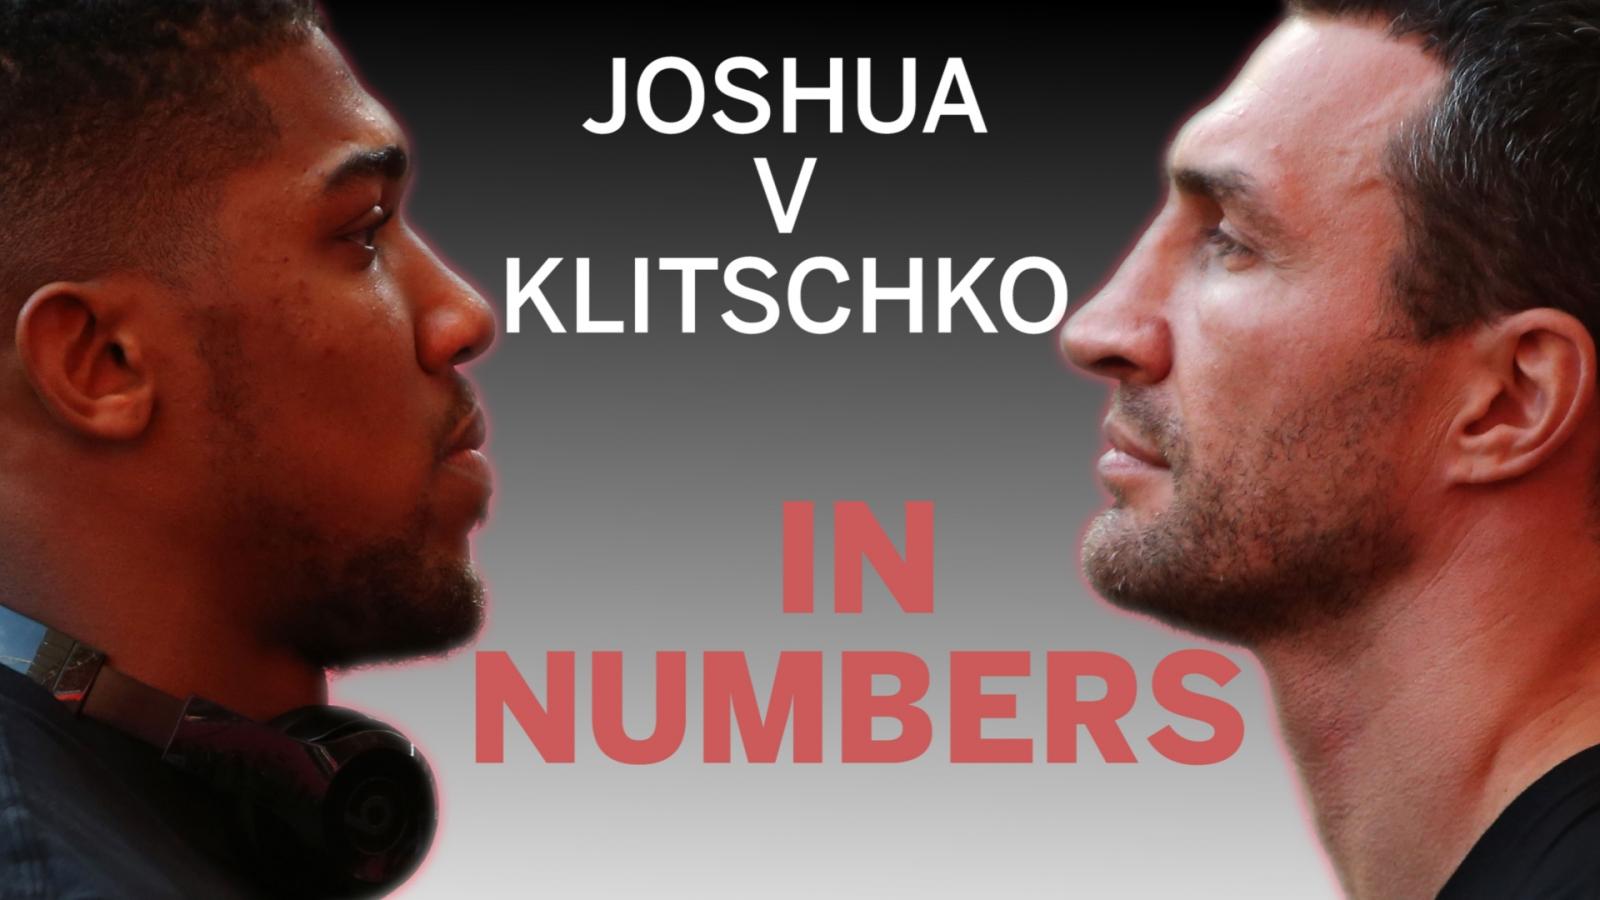 Anthony Joshua v Wladimir Klitschko in numbers